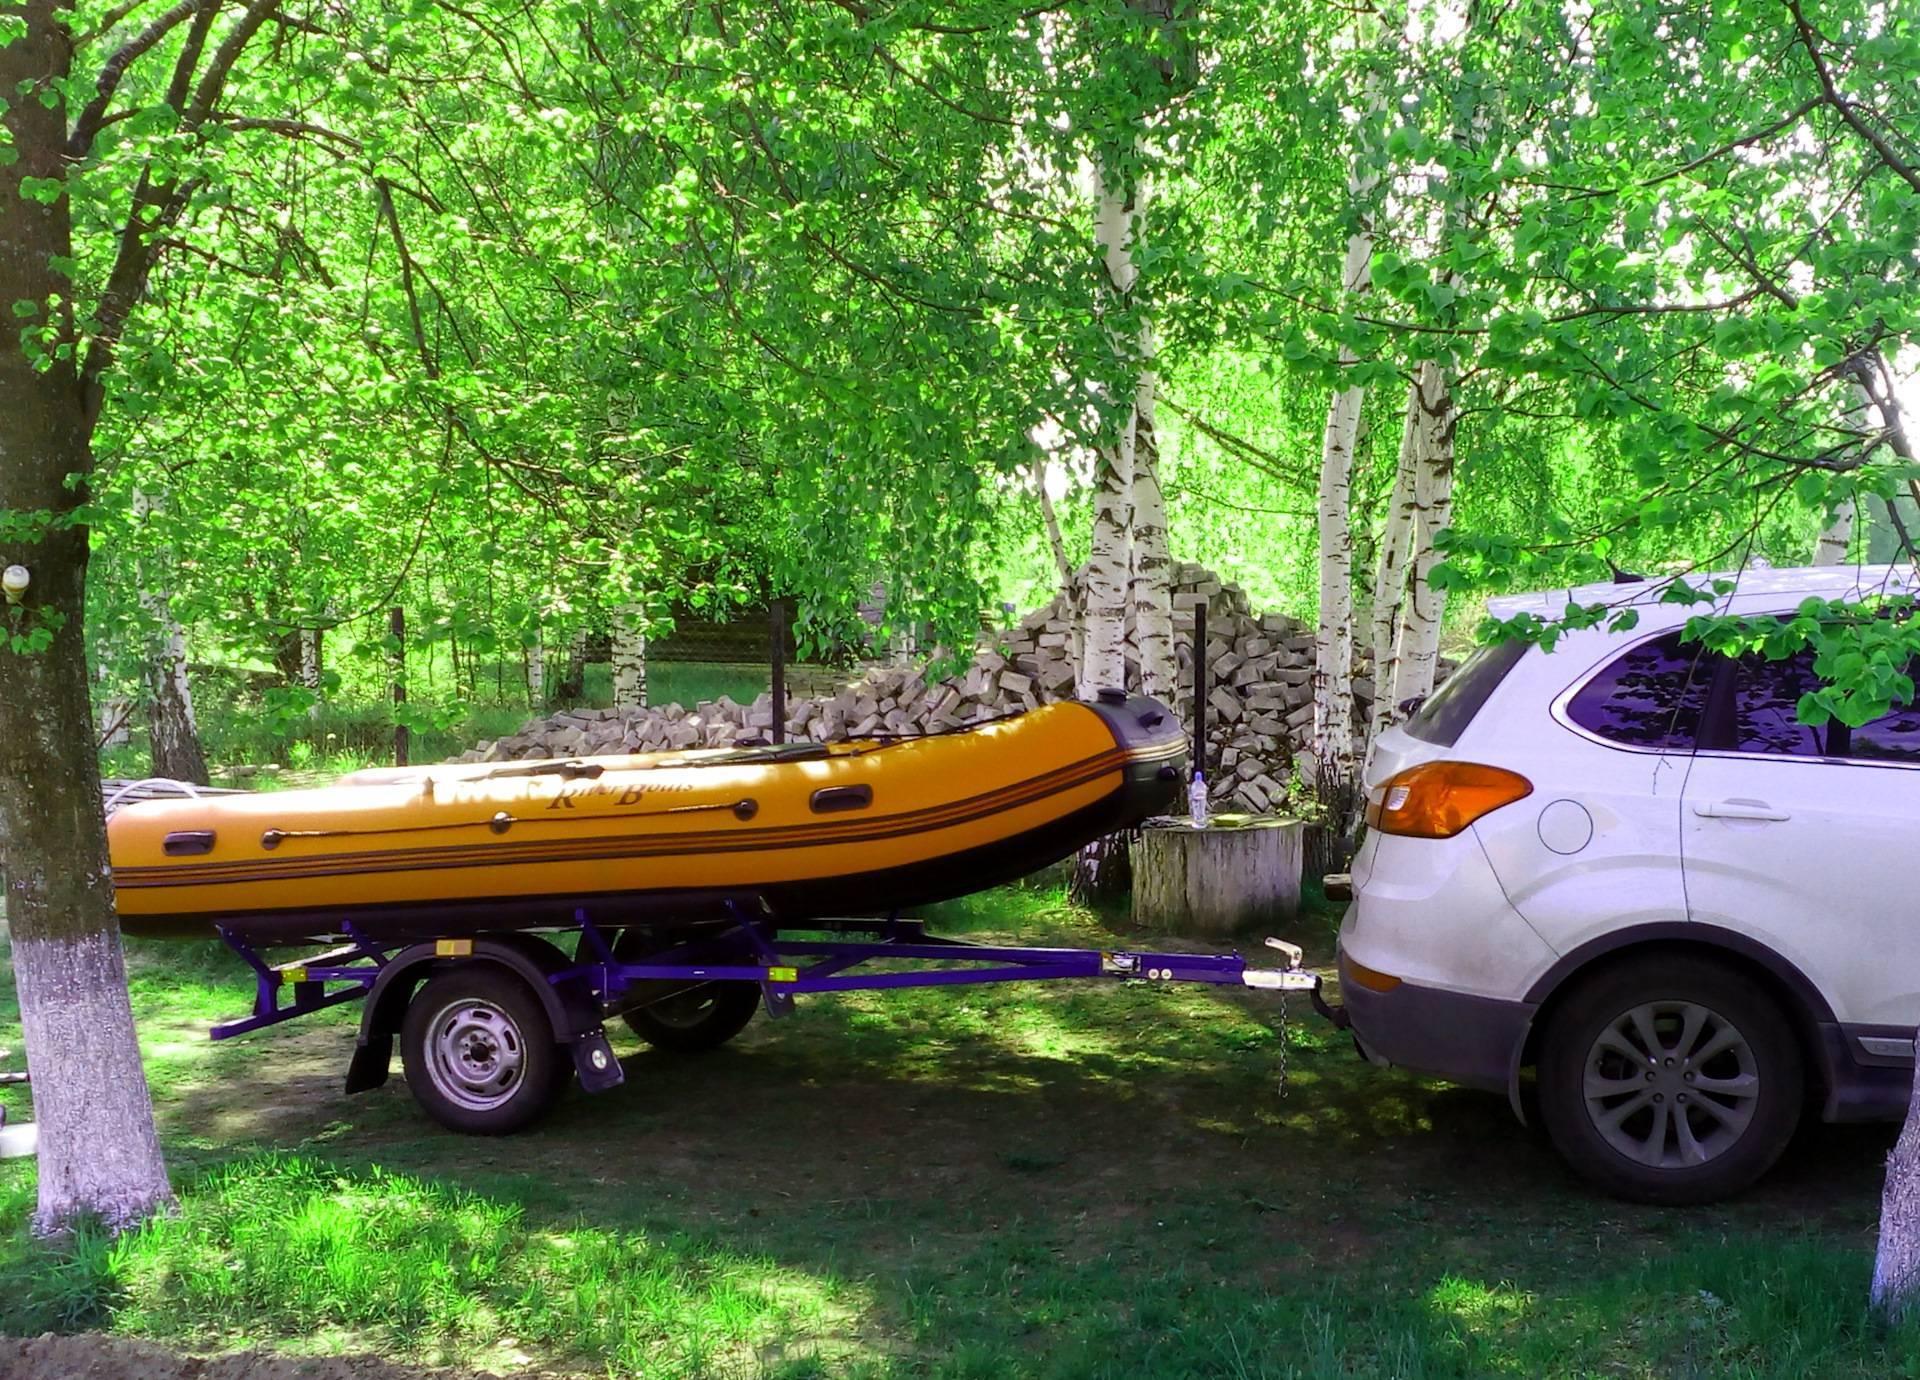 Прицеп для лодки своими руками: как сделать, переделка прицепа